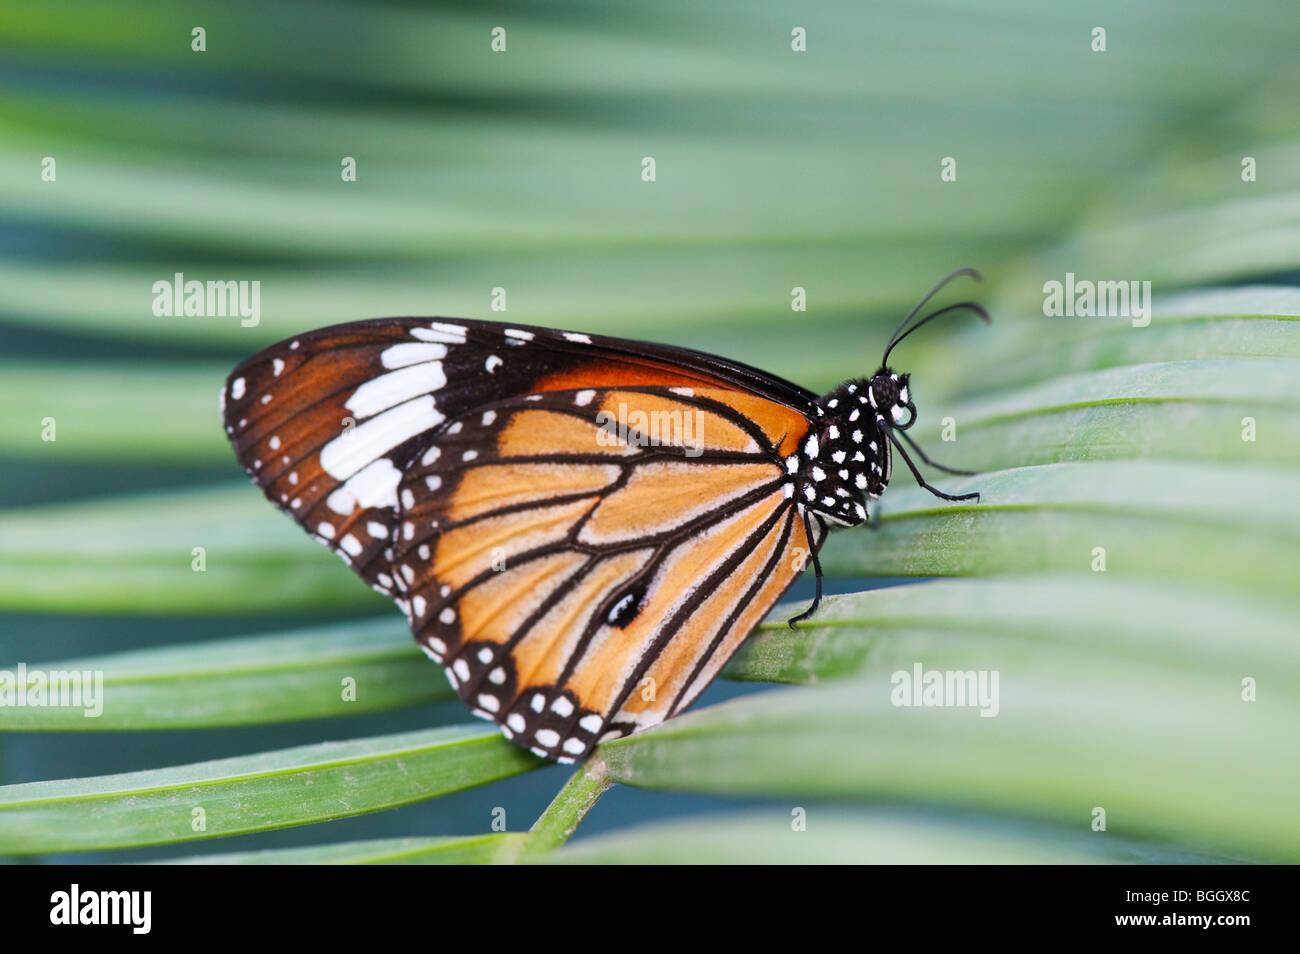 Danaus genutia. Tigre à rayures / papillon papillon tigre commun reposant sur une feuille d'un palmier Photo Stock